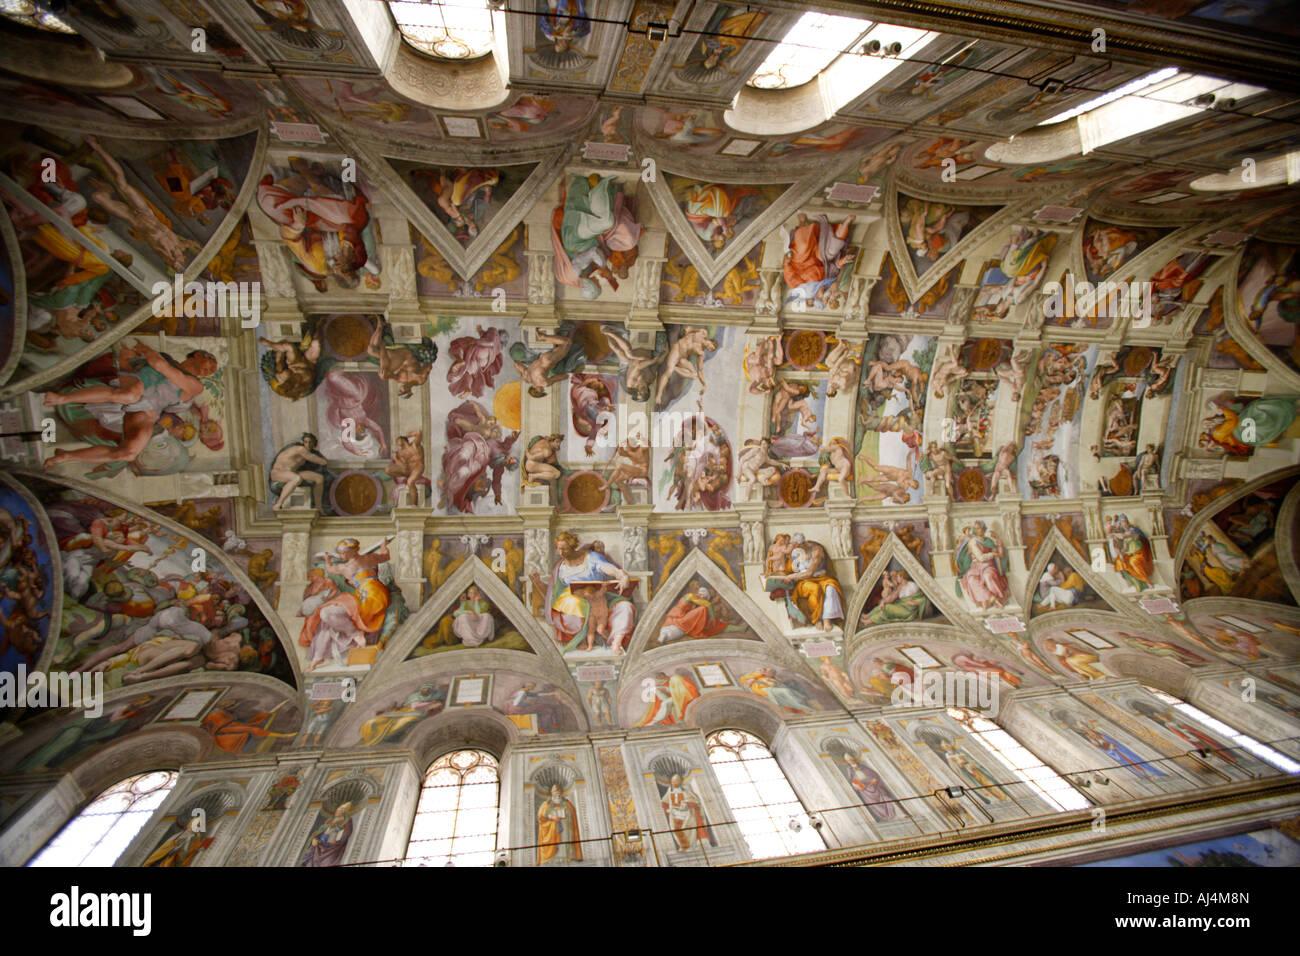 Plafond de la chapelle sixtine de michel ange le vatican rome banque d 39 images photo stock - Michel ange chapelle sixtine plafond ...